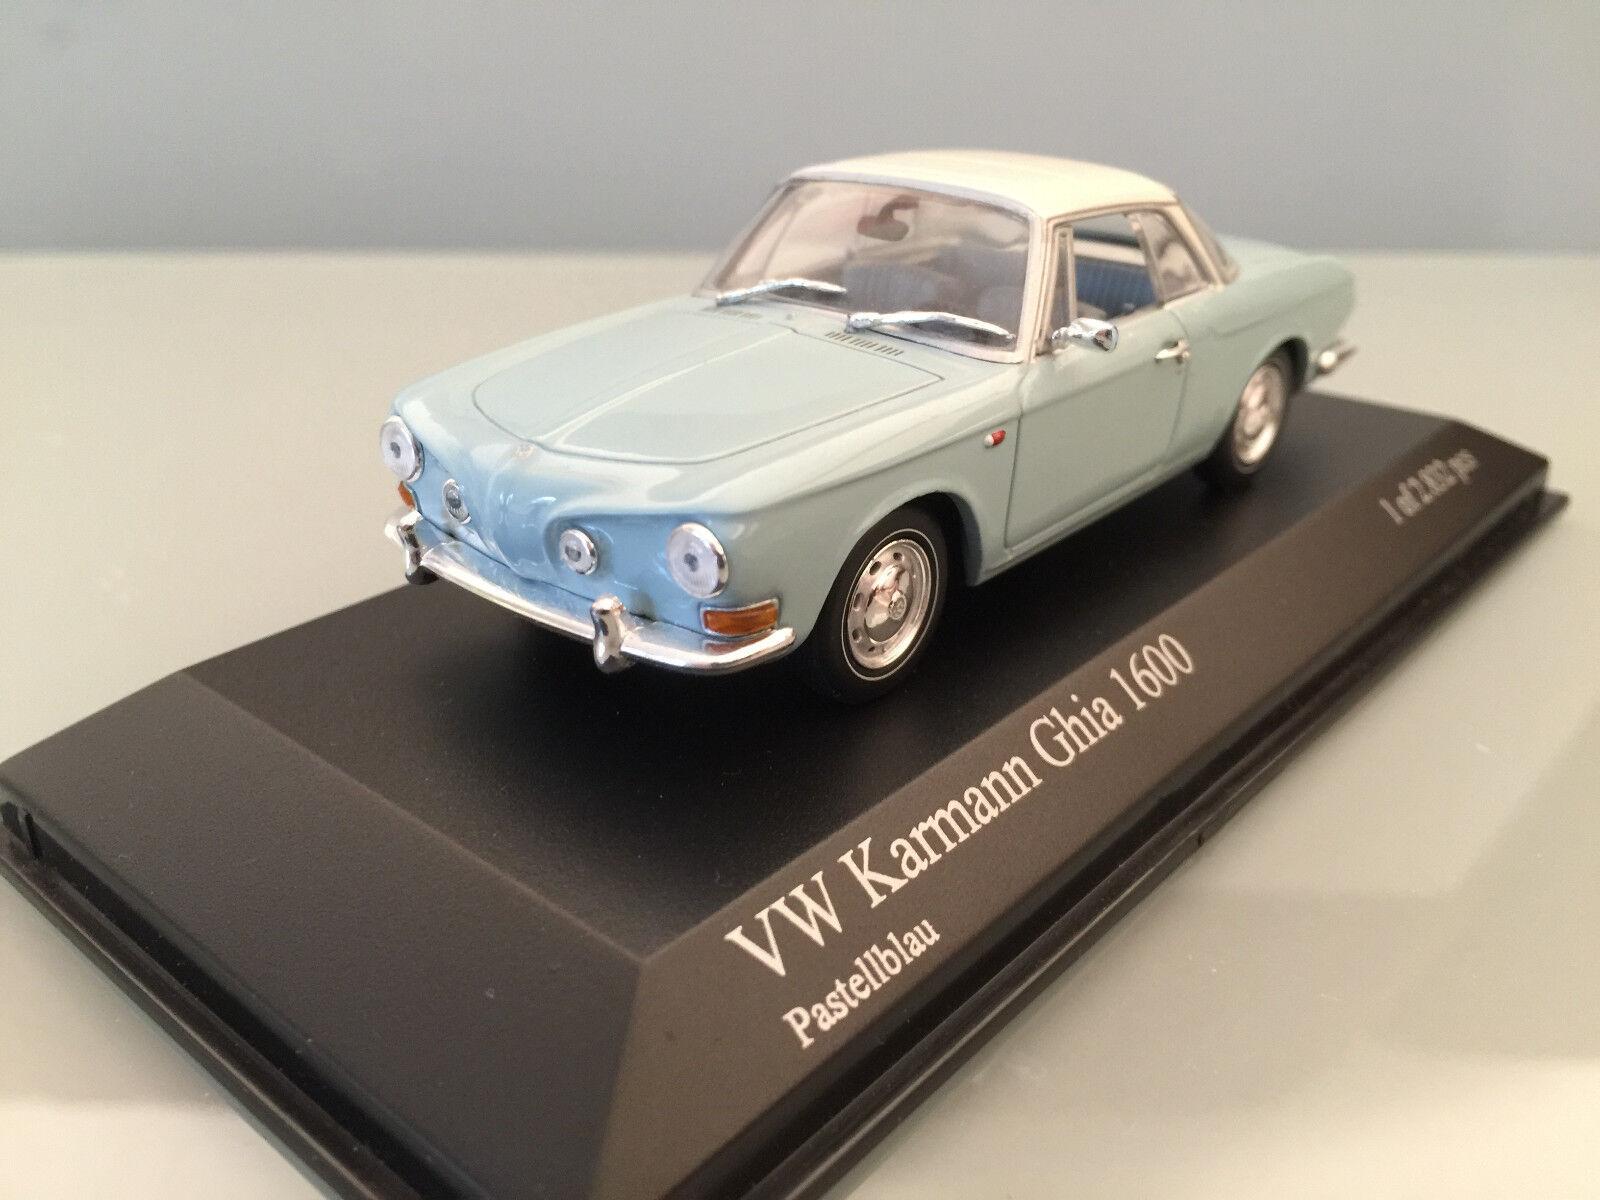 1 43 Minichamps VW KARMANN GHIA 1600, 1966, pastellblu